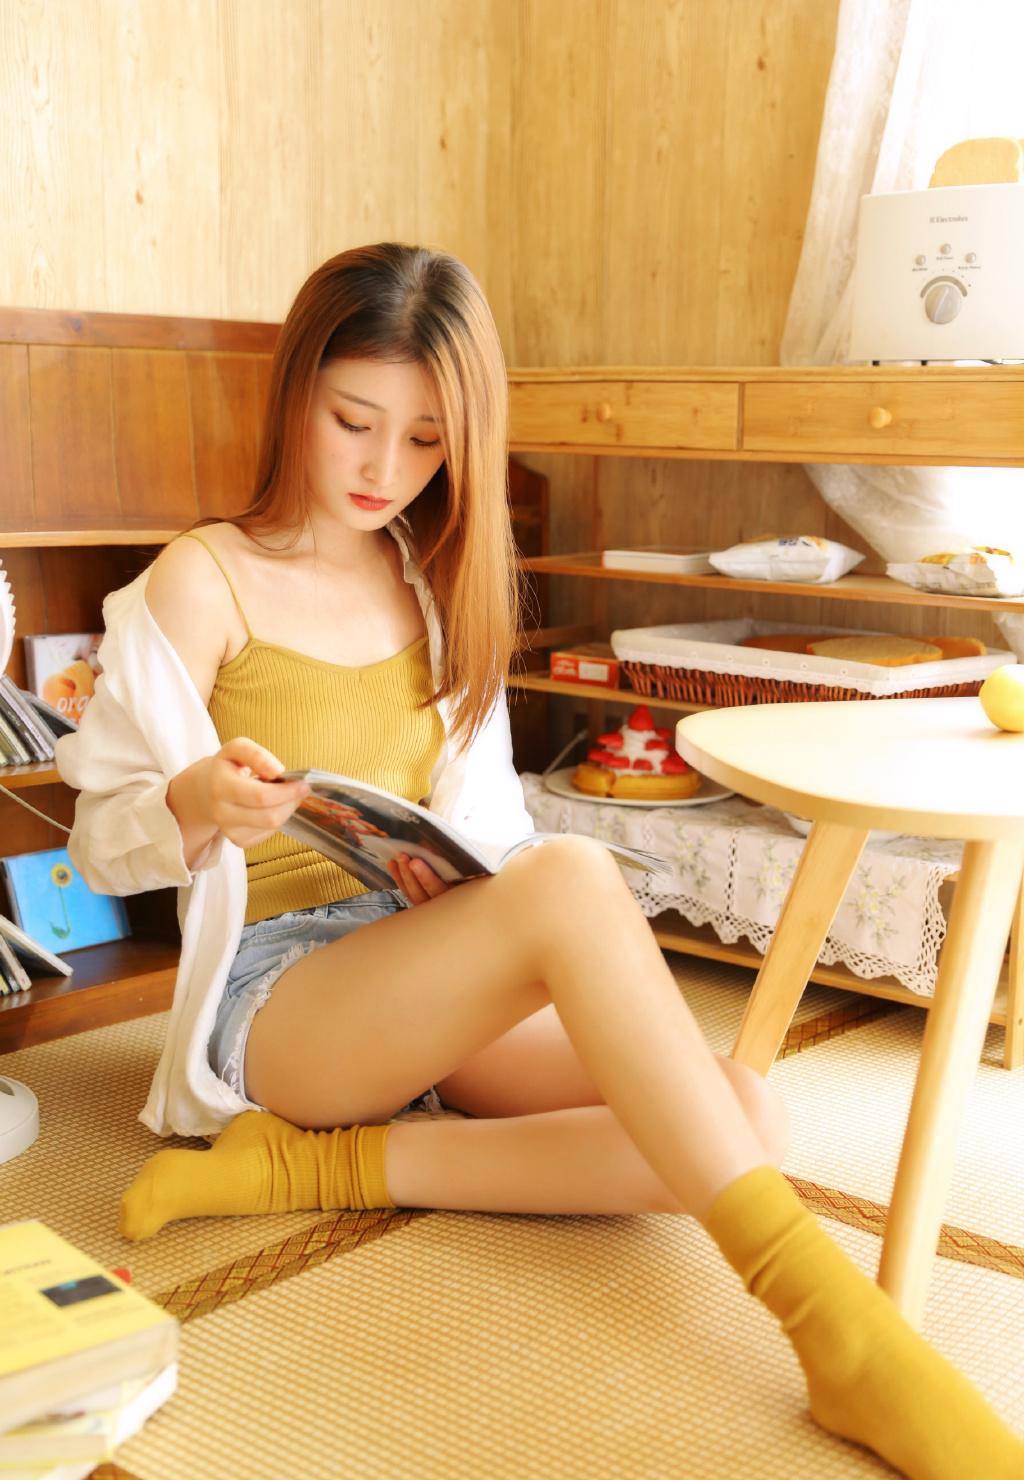 骨感清纯热裤美女写真  修长美腿超吸睛